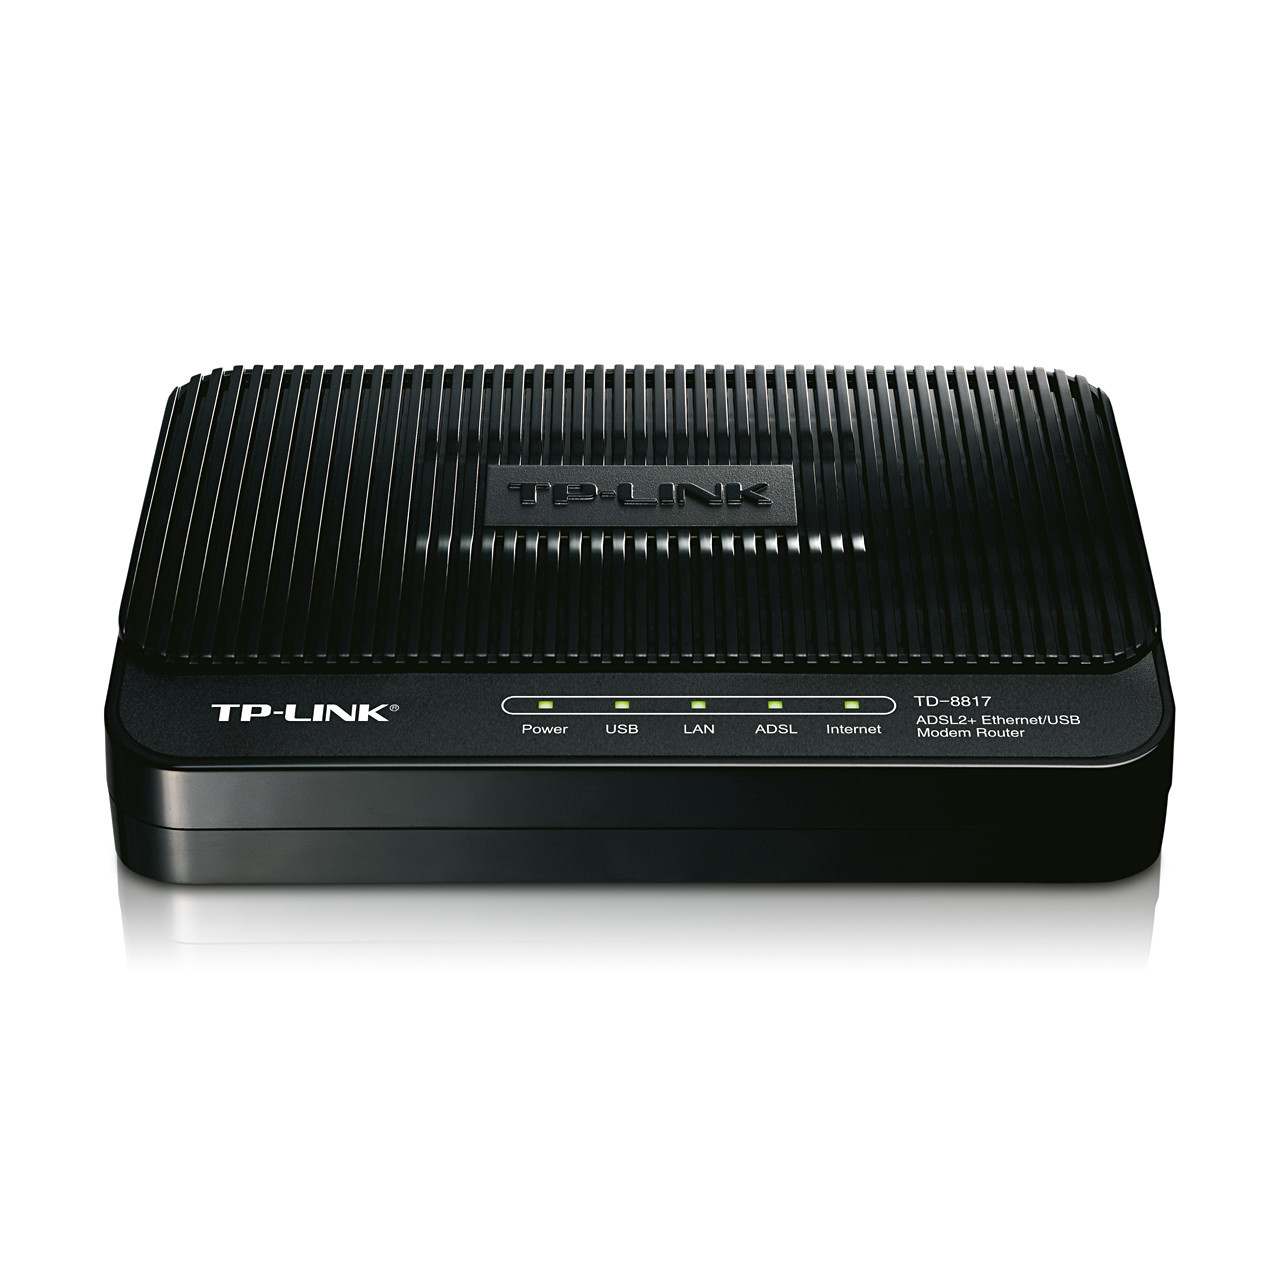 Модем TP-Link TD-8817 (ADSL ІІ RJ-11, PPTP, L2TP, IPsec, PPPoE, 1xLAN 10/100 Мbps RJ-45, 1xUSB 1.1,